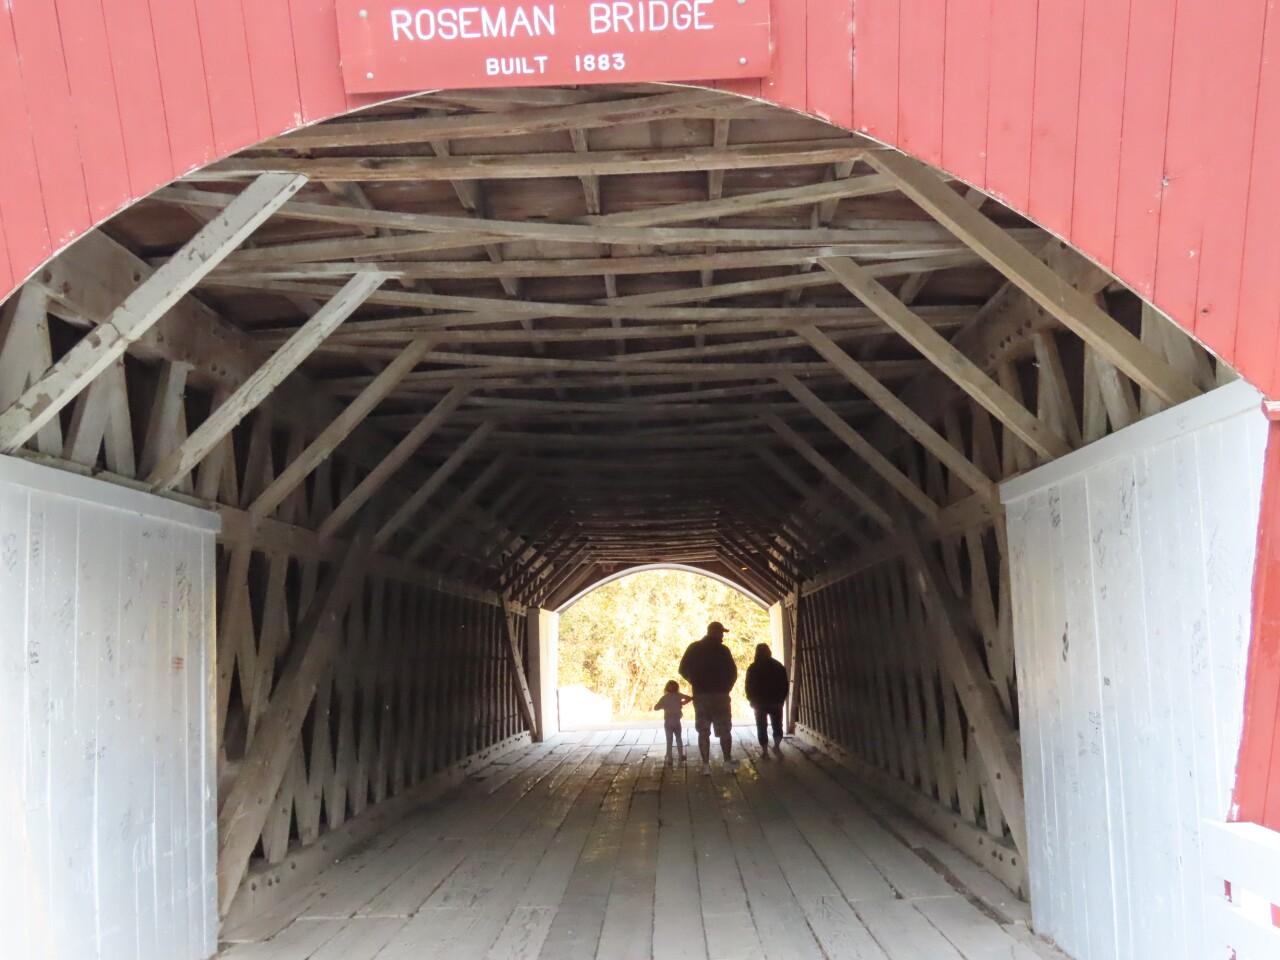 A look inside Roseman Bridge